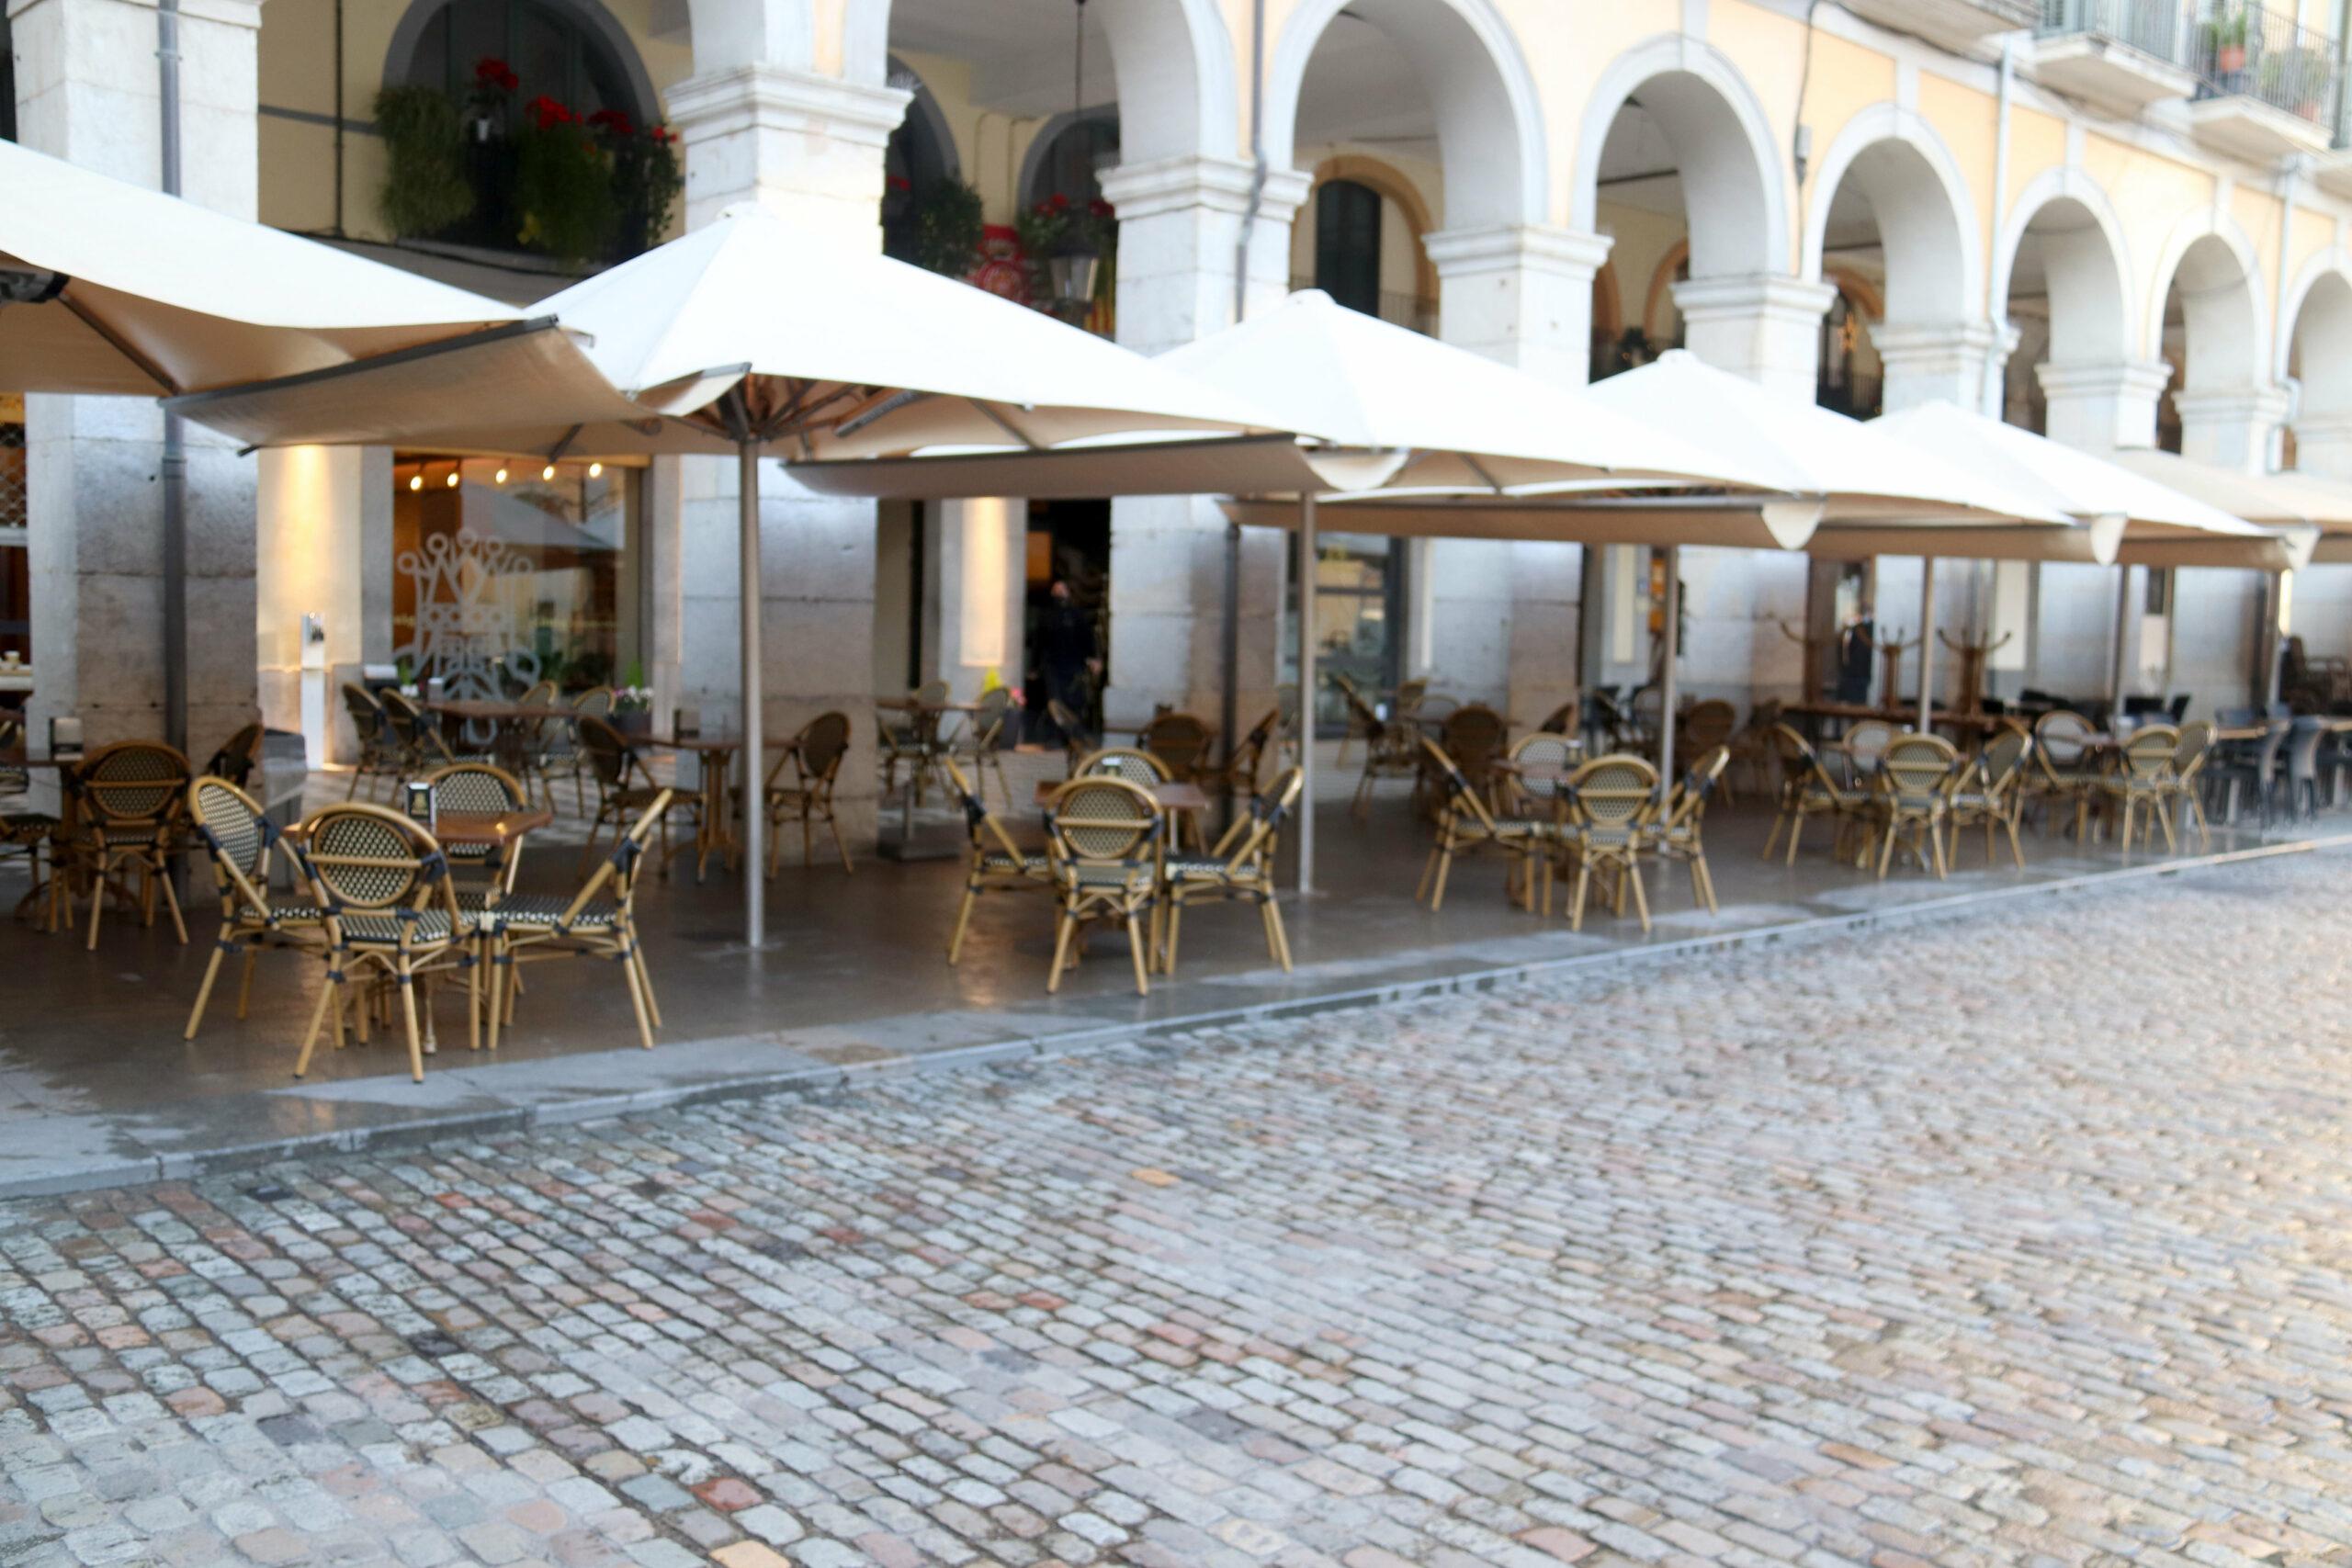 Una de les terrasses de la plaça de la Independència de Girona totalment buida després de la finalització de l'horari d'esmorzars   ACN